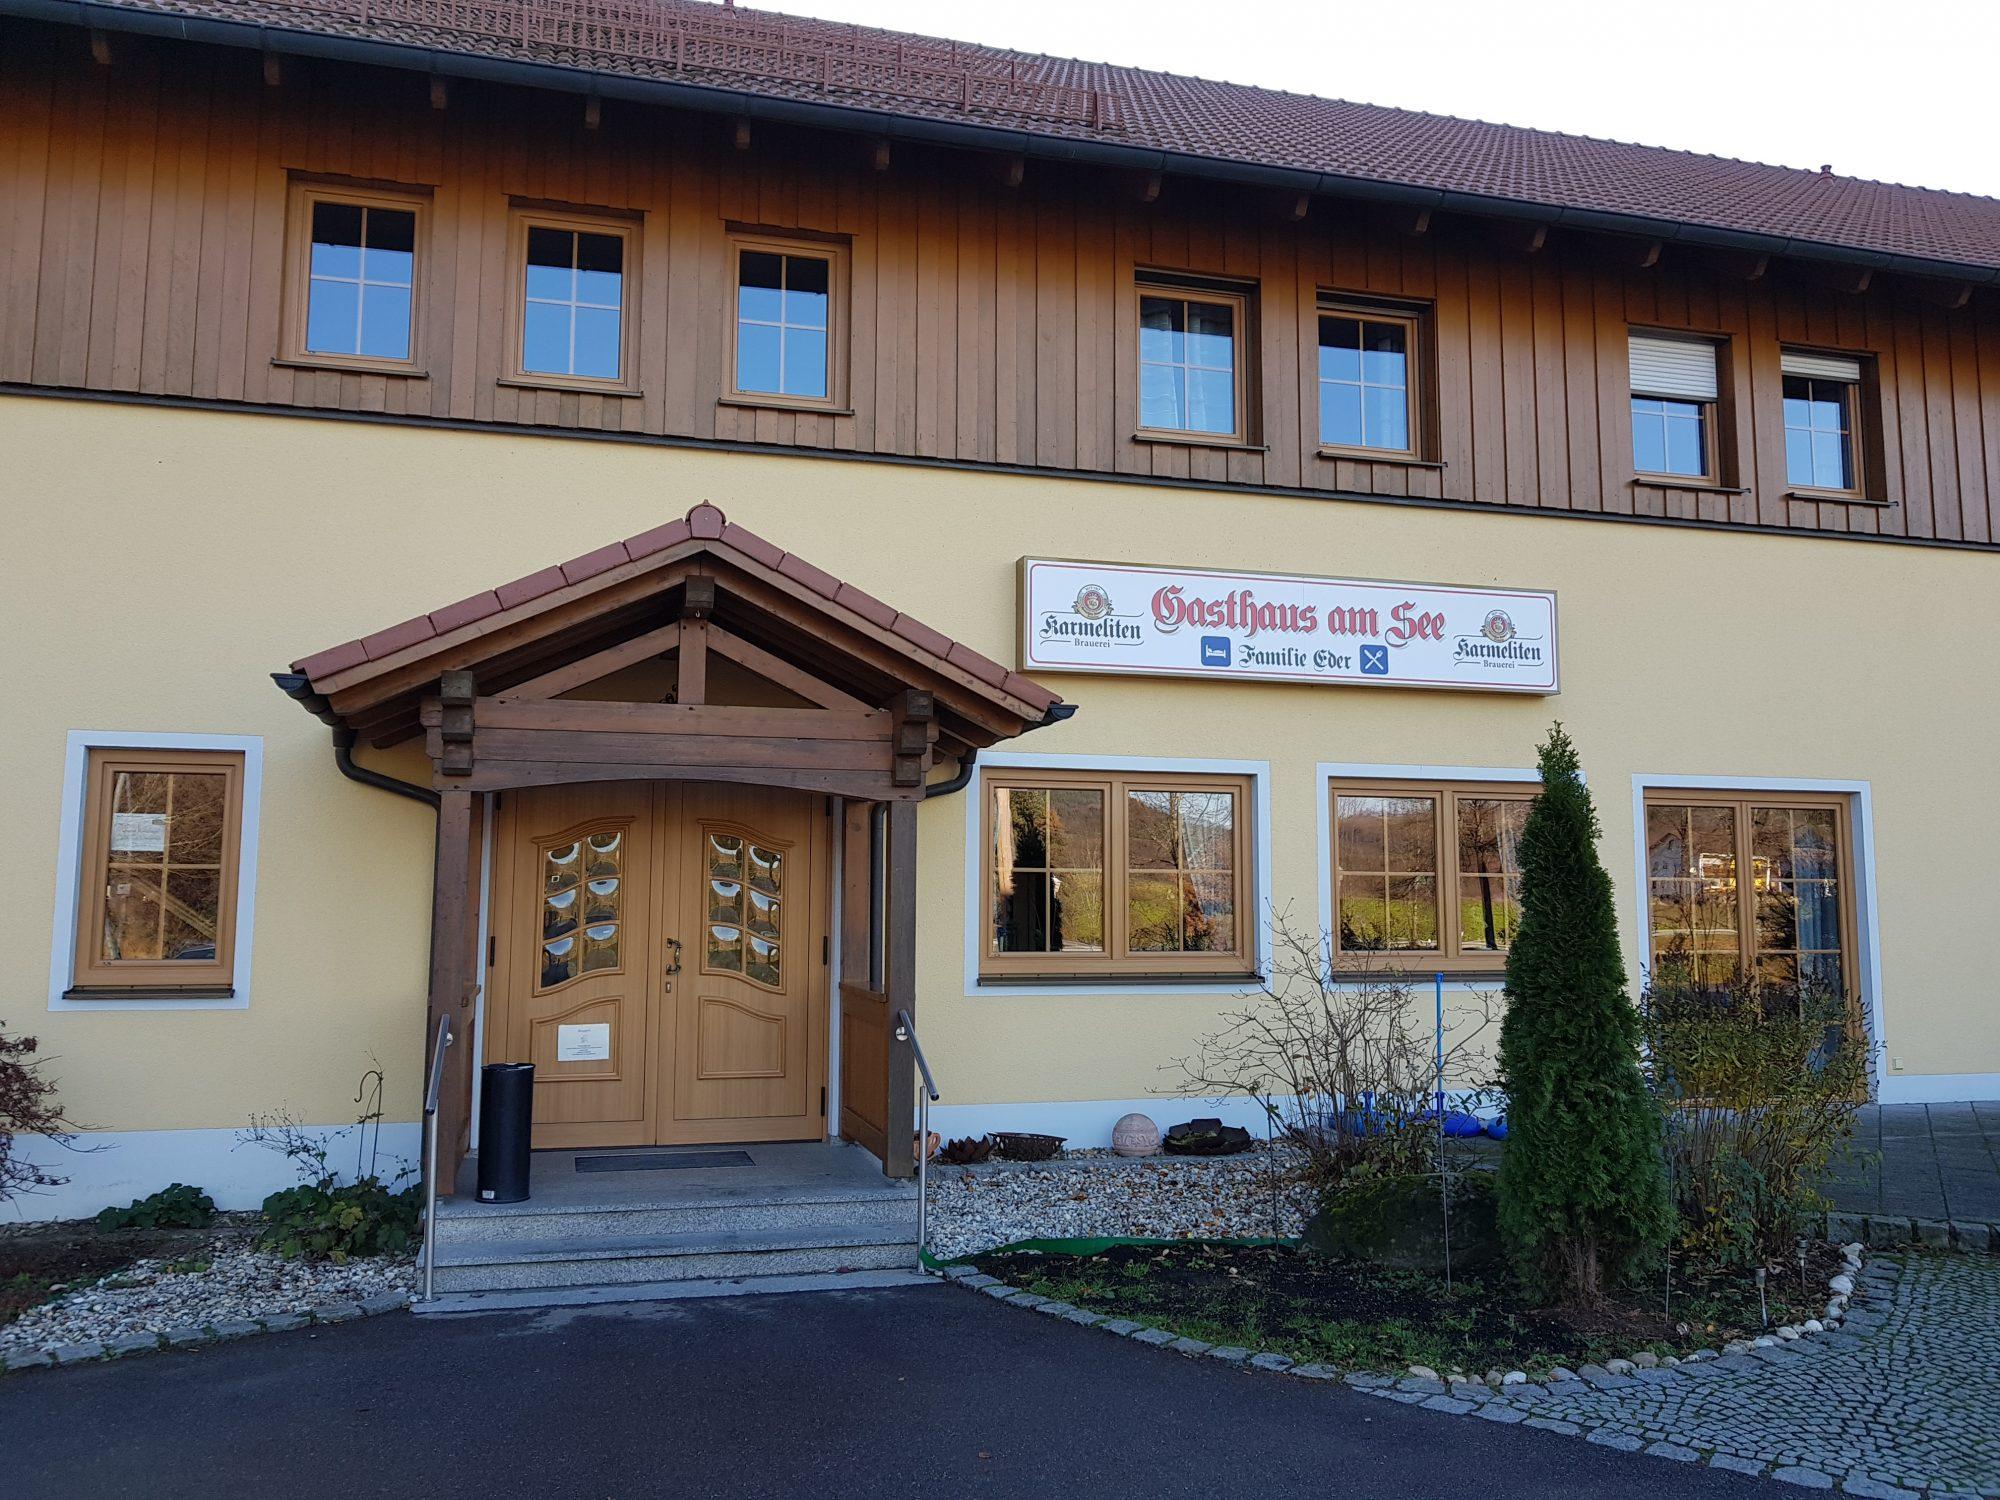 Gasthaus am See - Weihern